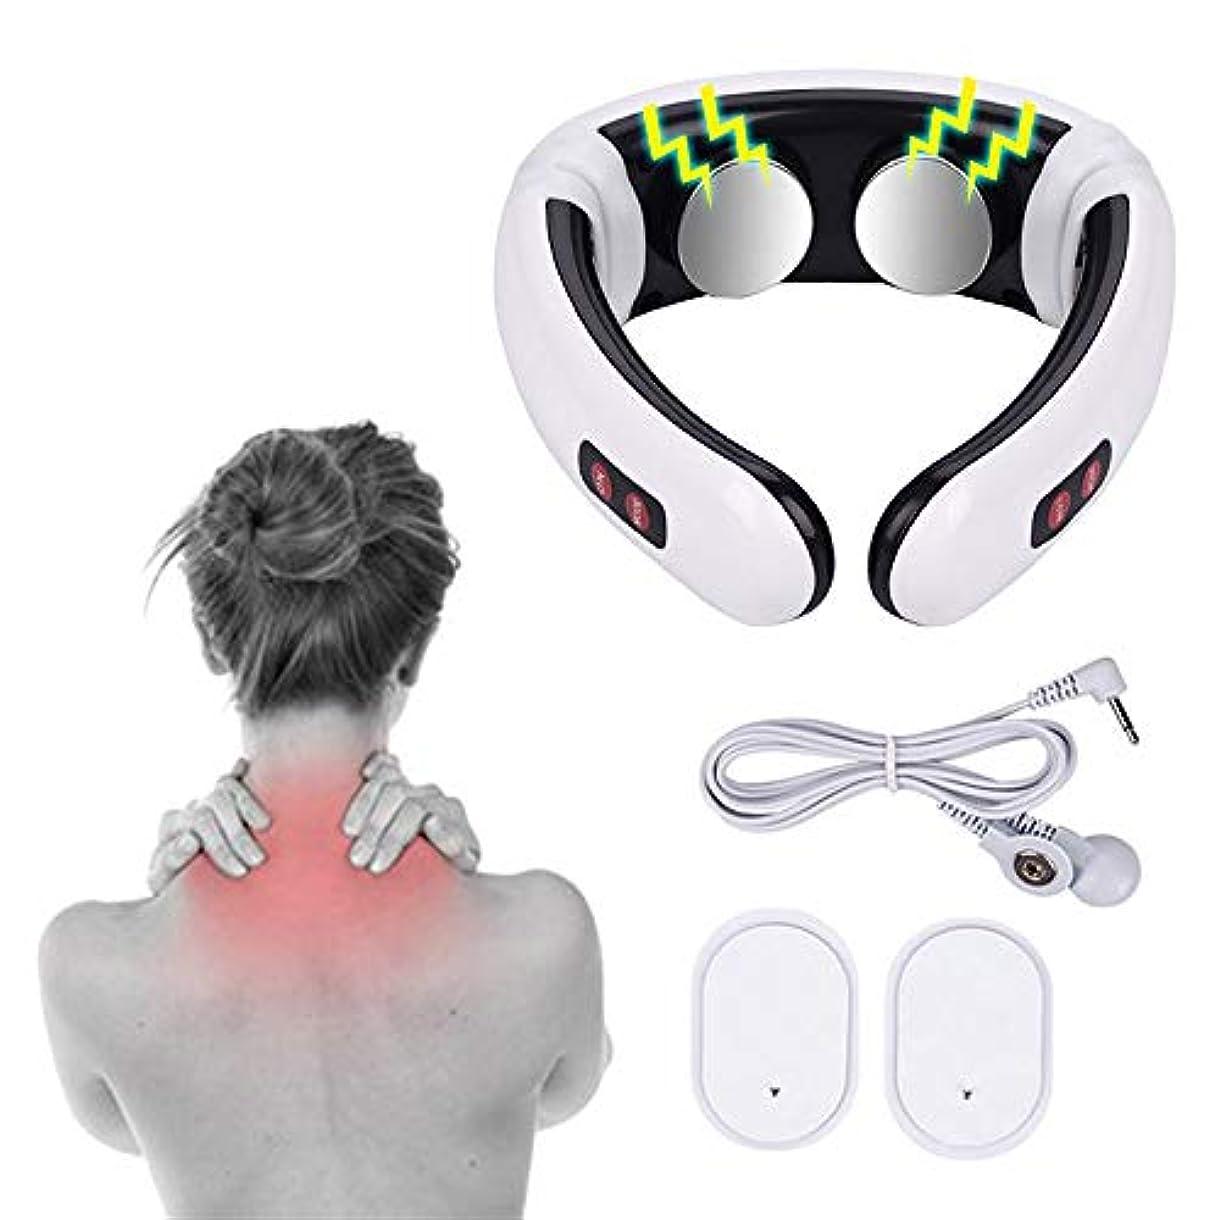 アプライアンス職業危険1 PC Electric Pulse Back and Neck Massager Far Infrared Pain Relief Tool Health Care Relaxation Multifunctional...